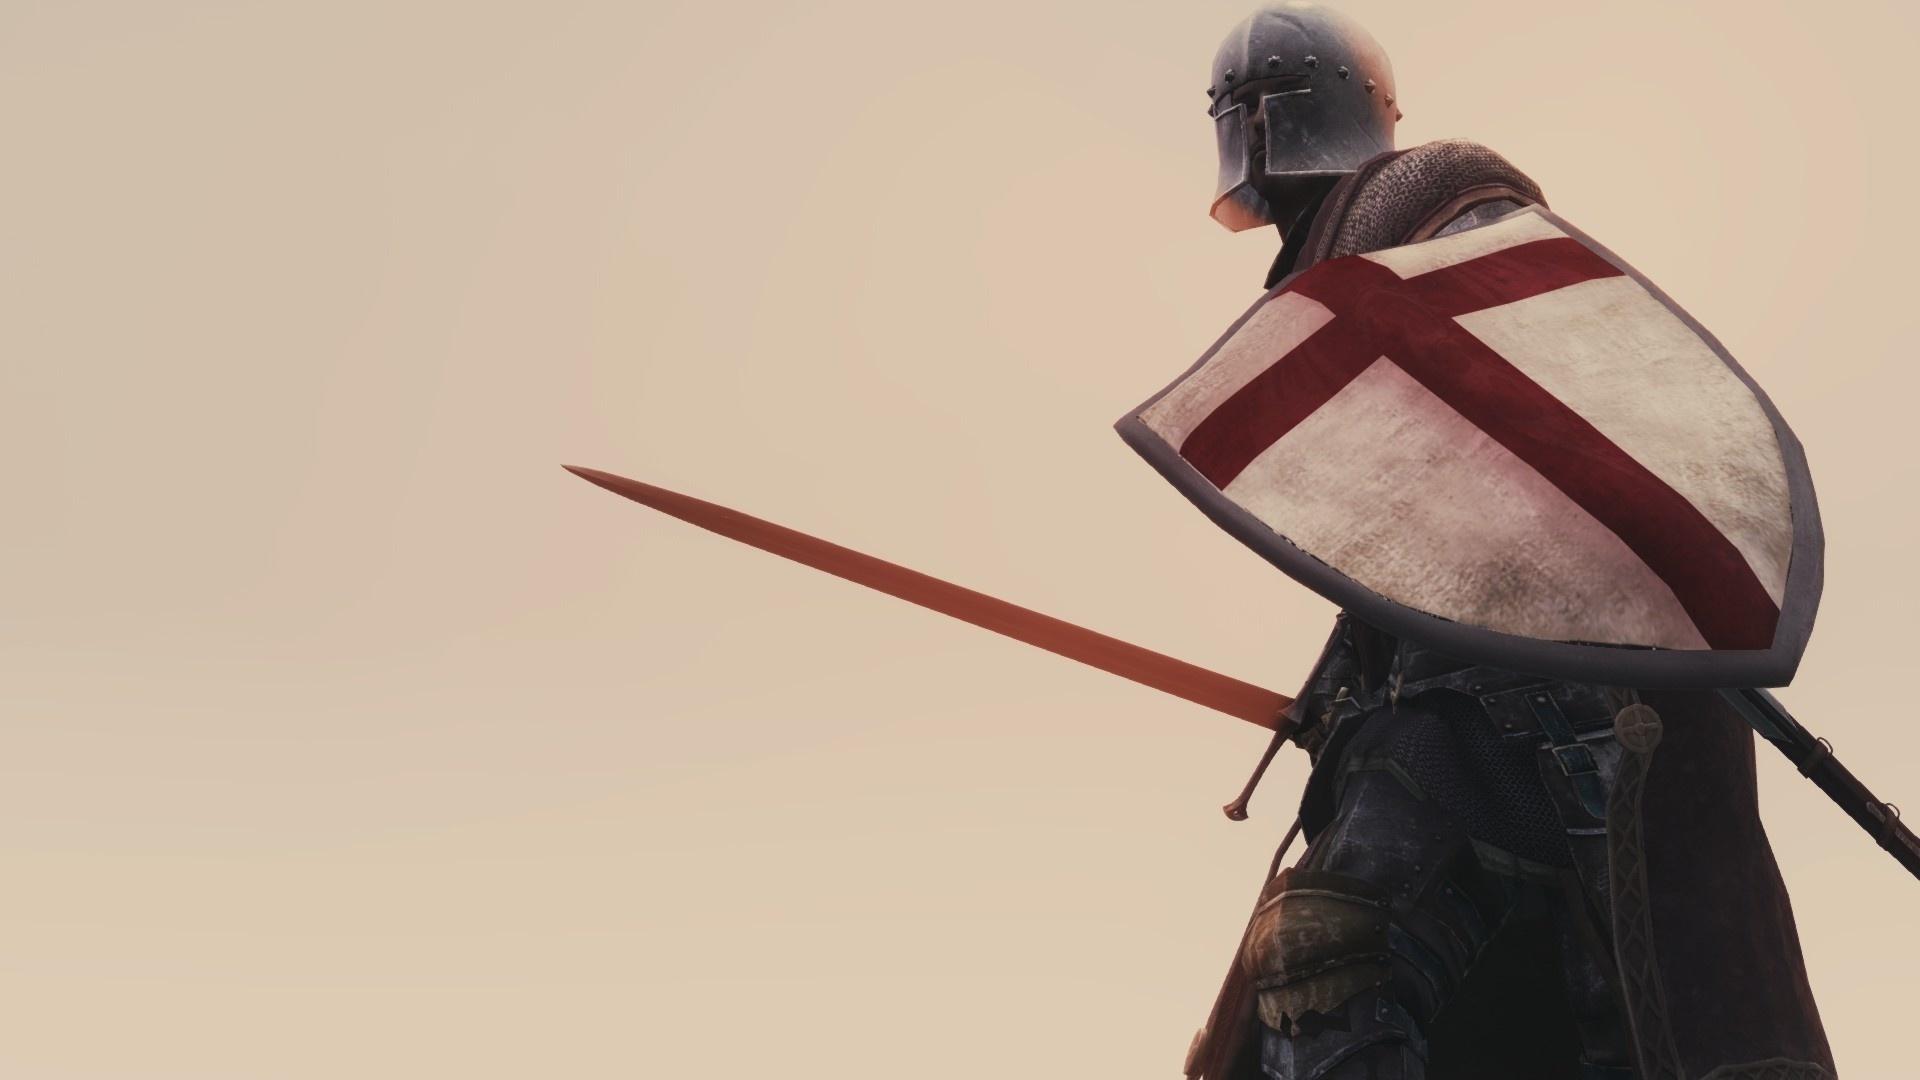 Картинки крестоносцев с щитом и мечом это очень